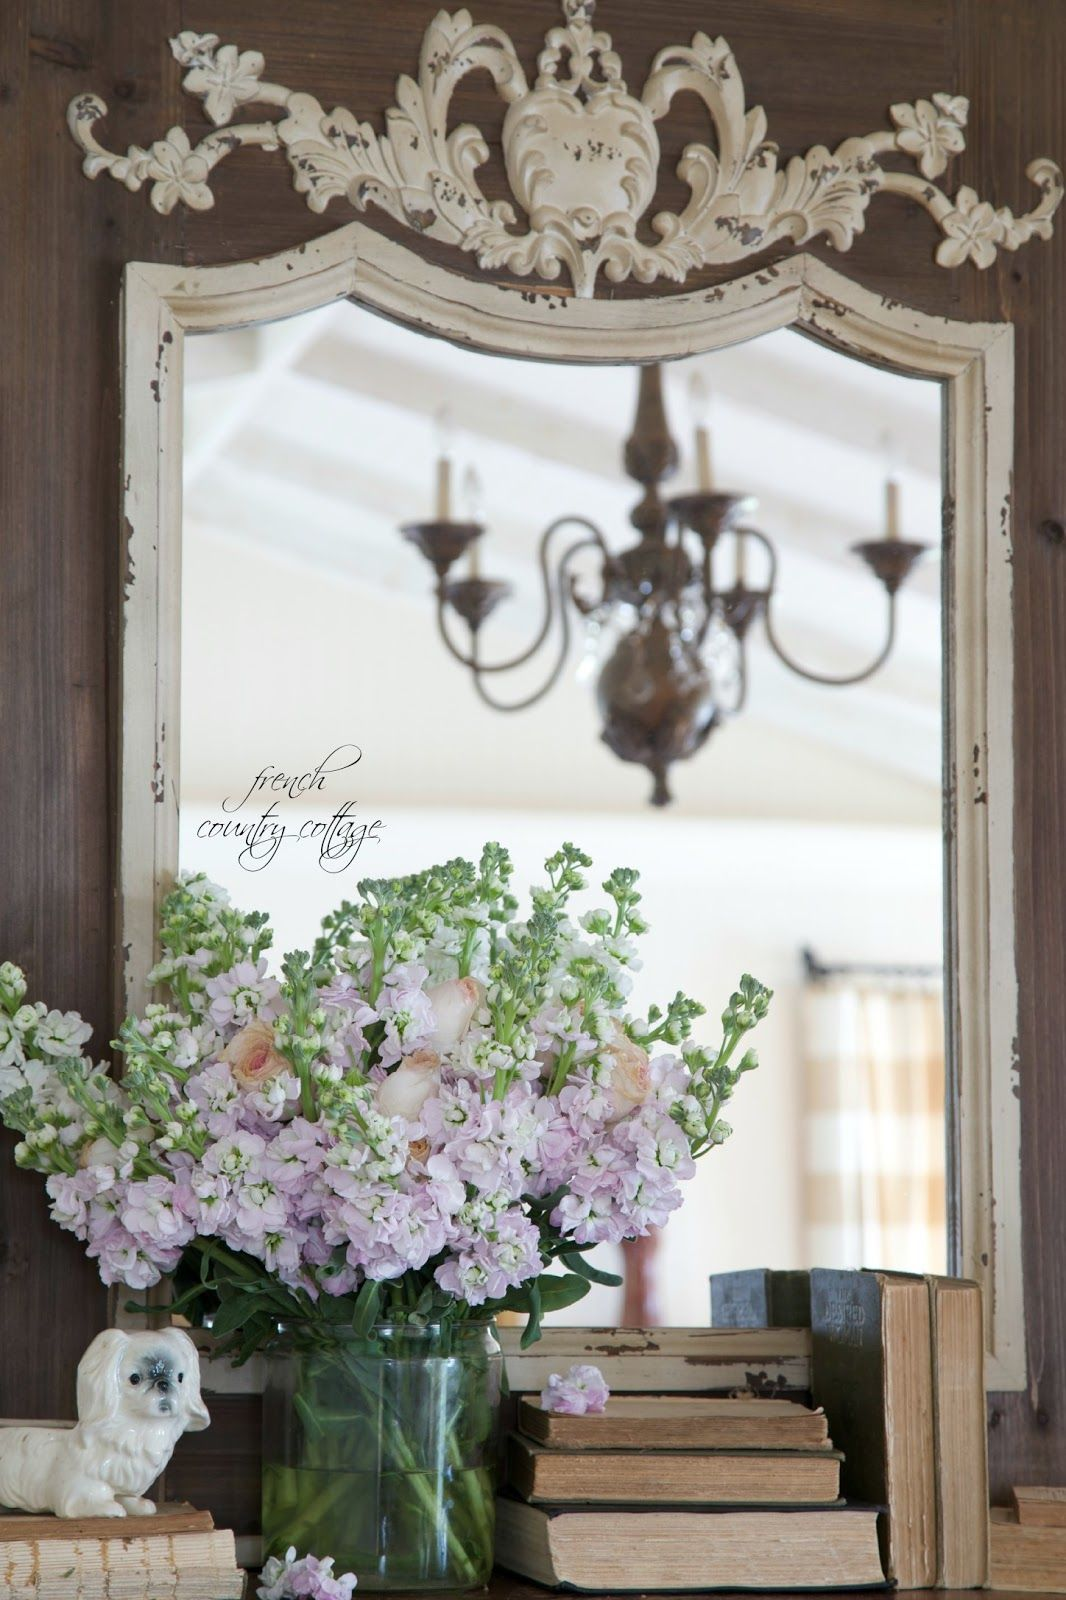 Our Home | Pinterest | Espejo, Marcos y Bonitas